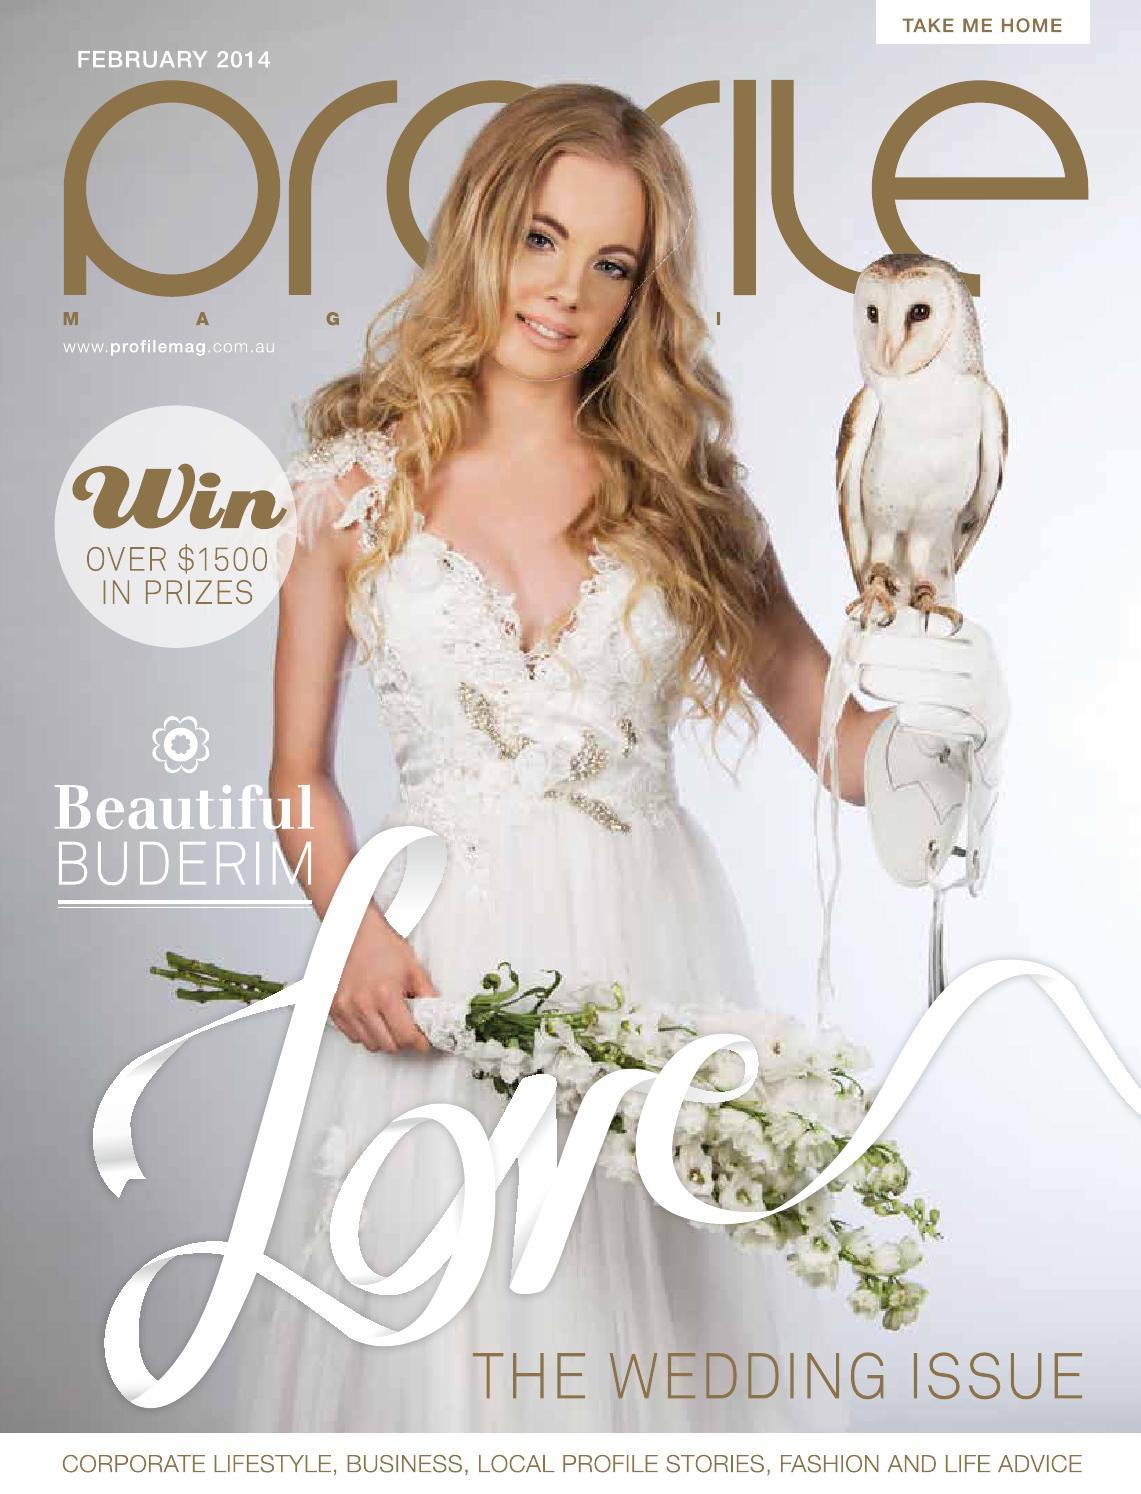 February Profile Magazine 2014 by Profile Magazine - issuu 18ed81c91d9f